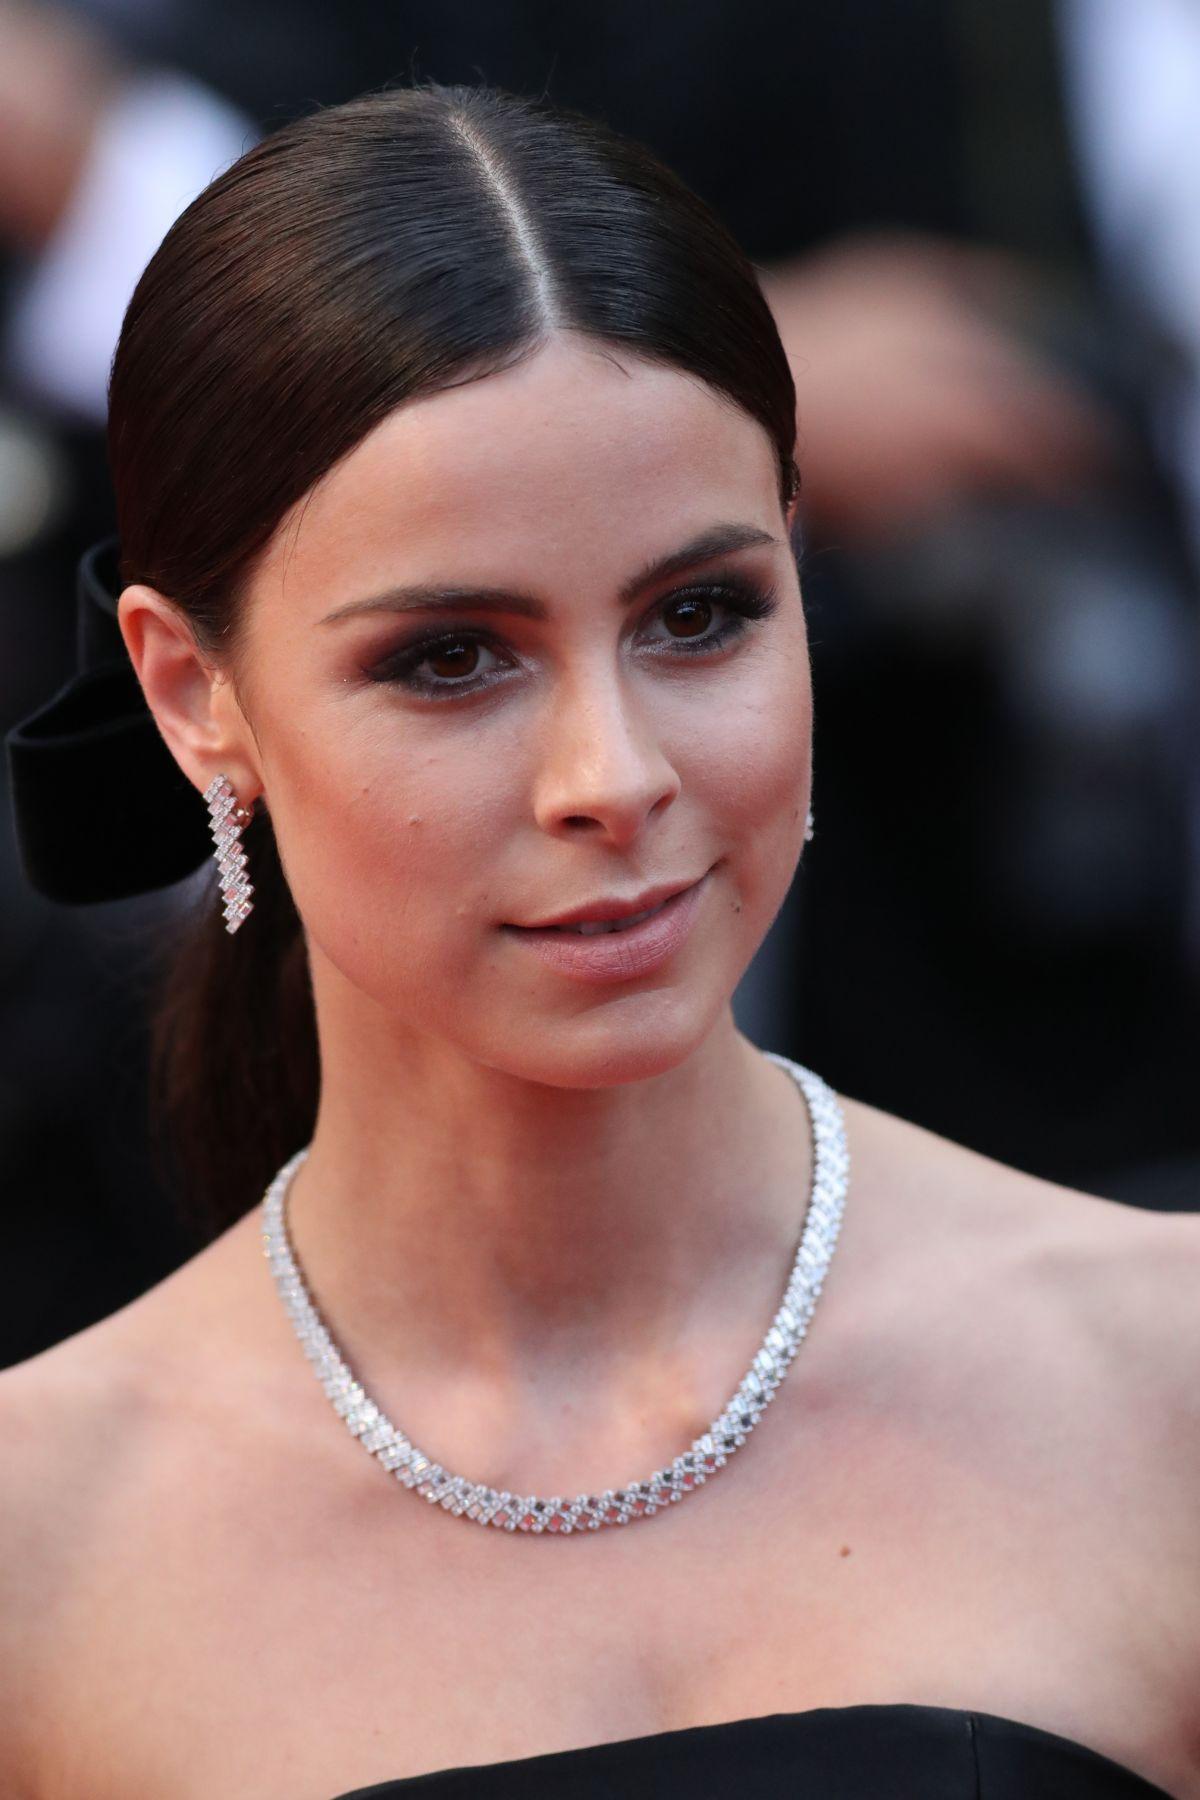 LENA MEYER LANDRUT At Blackkklansman Premiere At Cannes